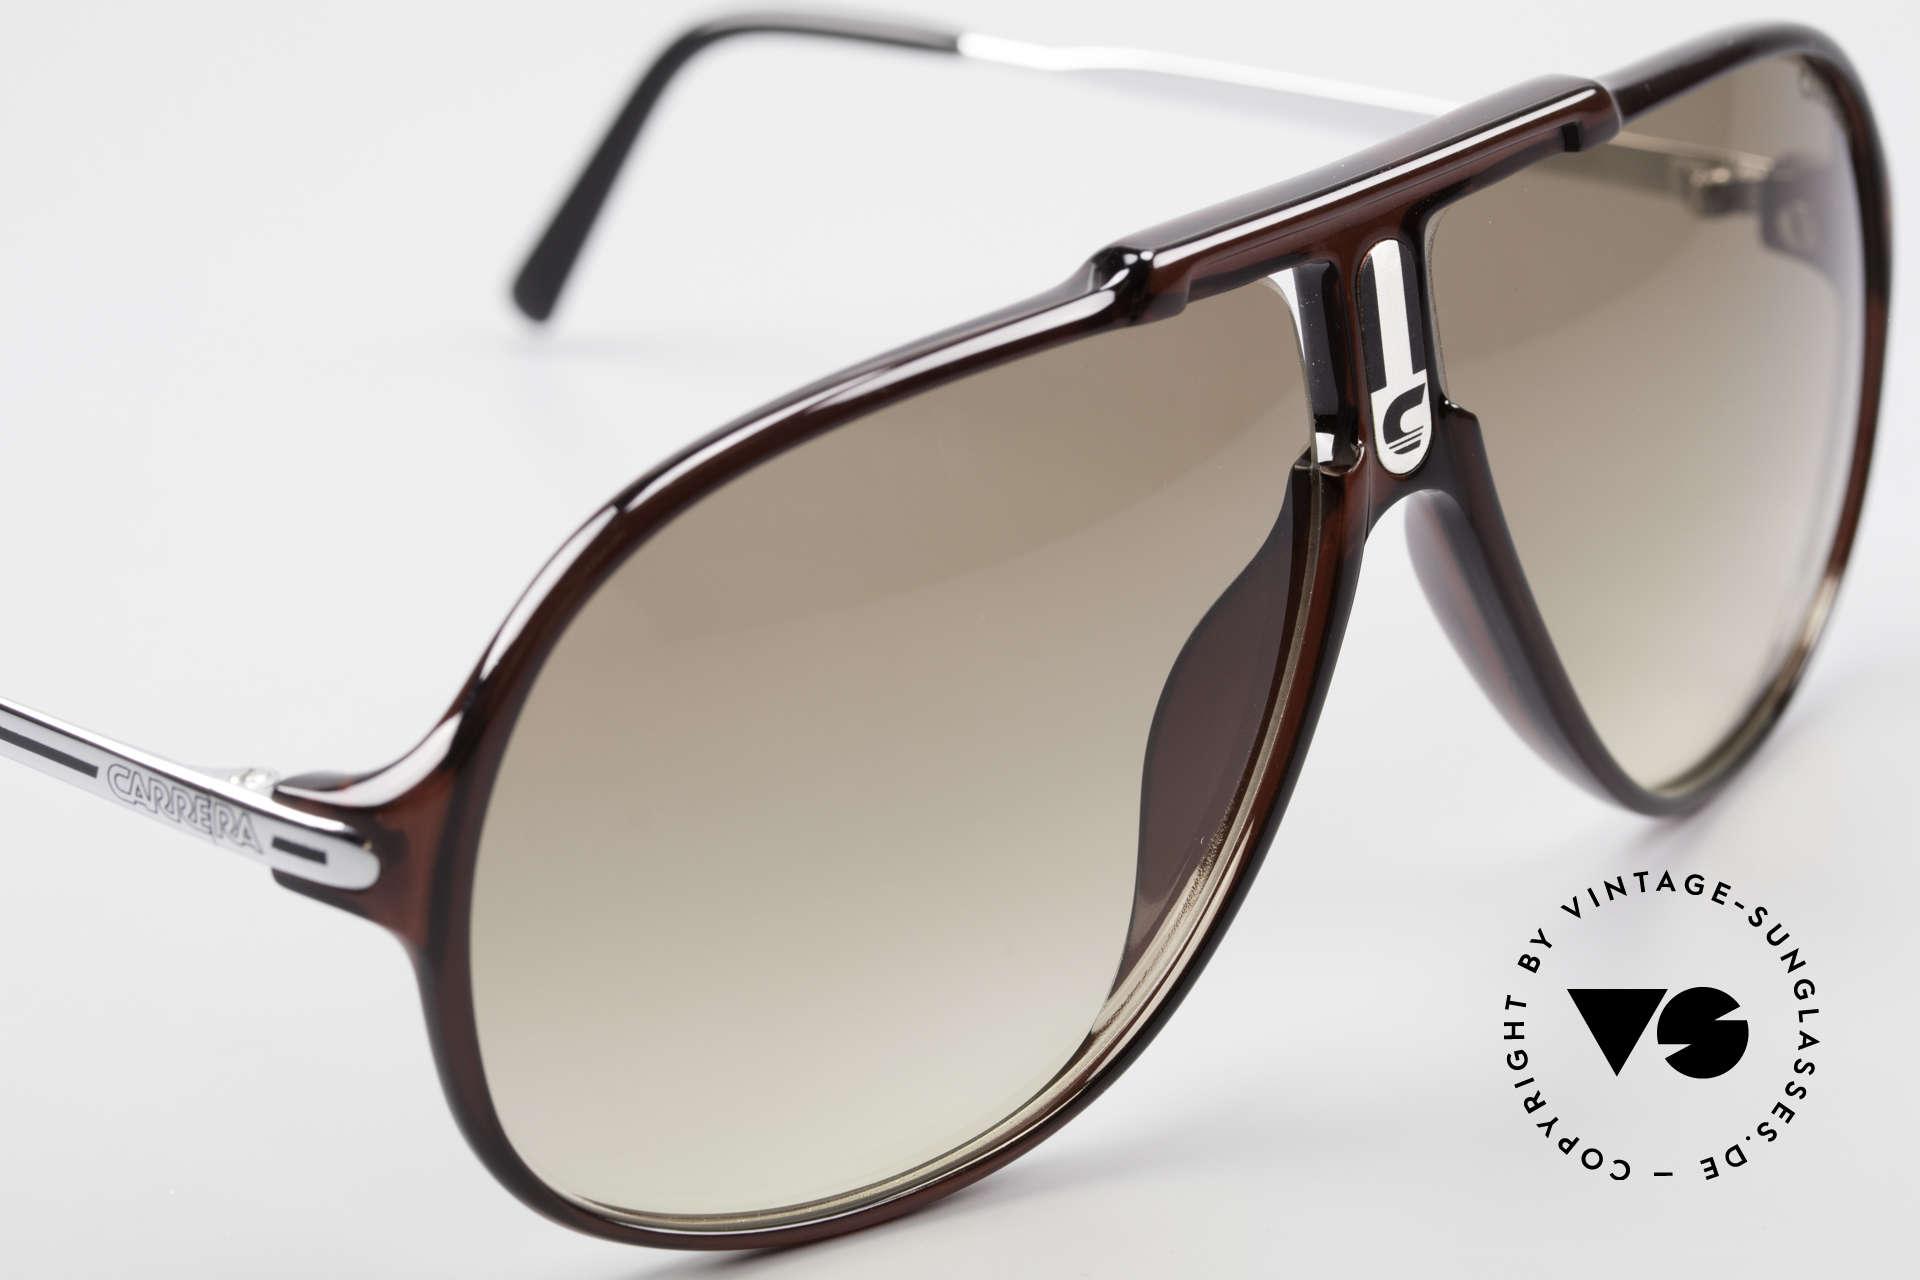 Carrera 5590 3 Sets Auswechselbare Gläser, grün Ultrasight & braun C-EXTREME sowie braun Verlauf, Passend für Herren